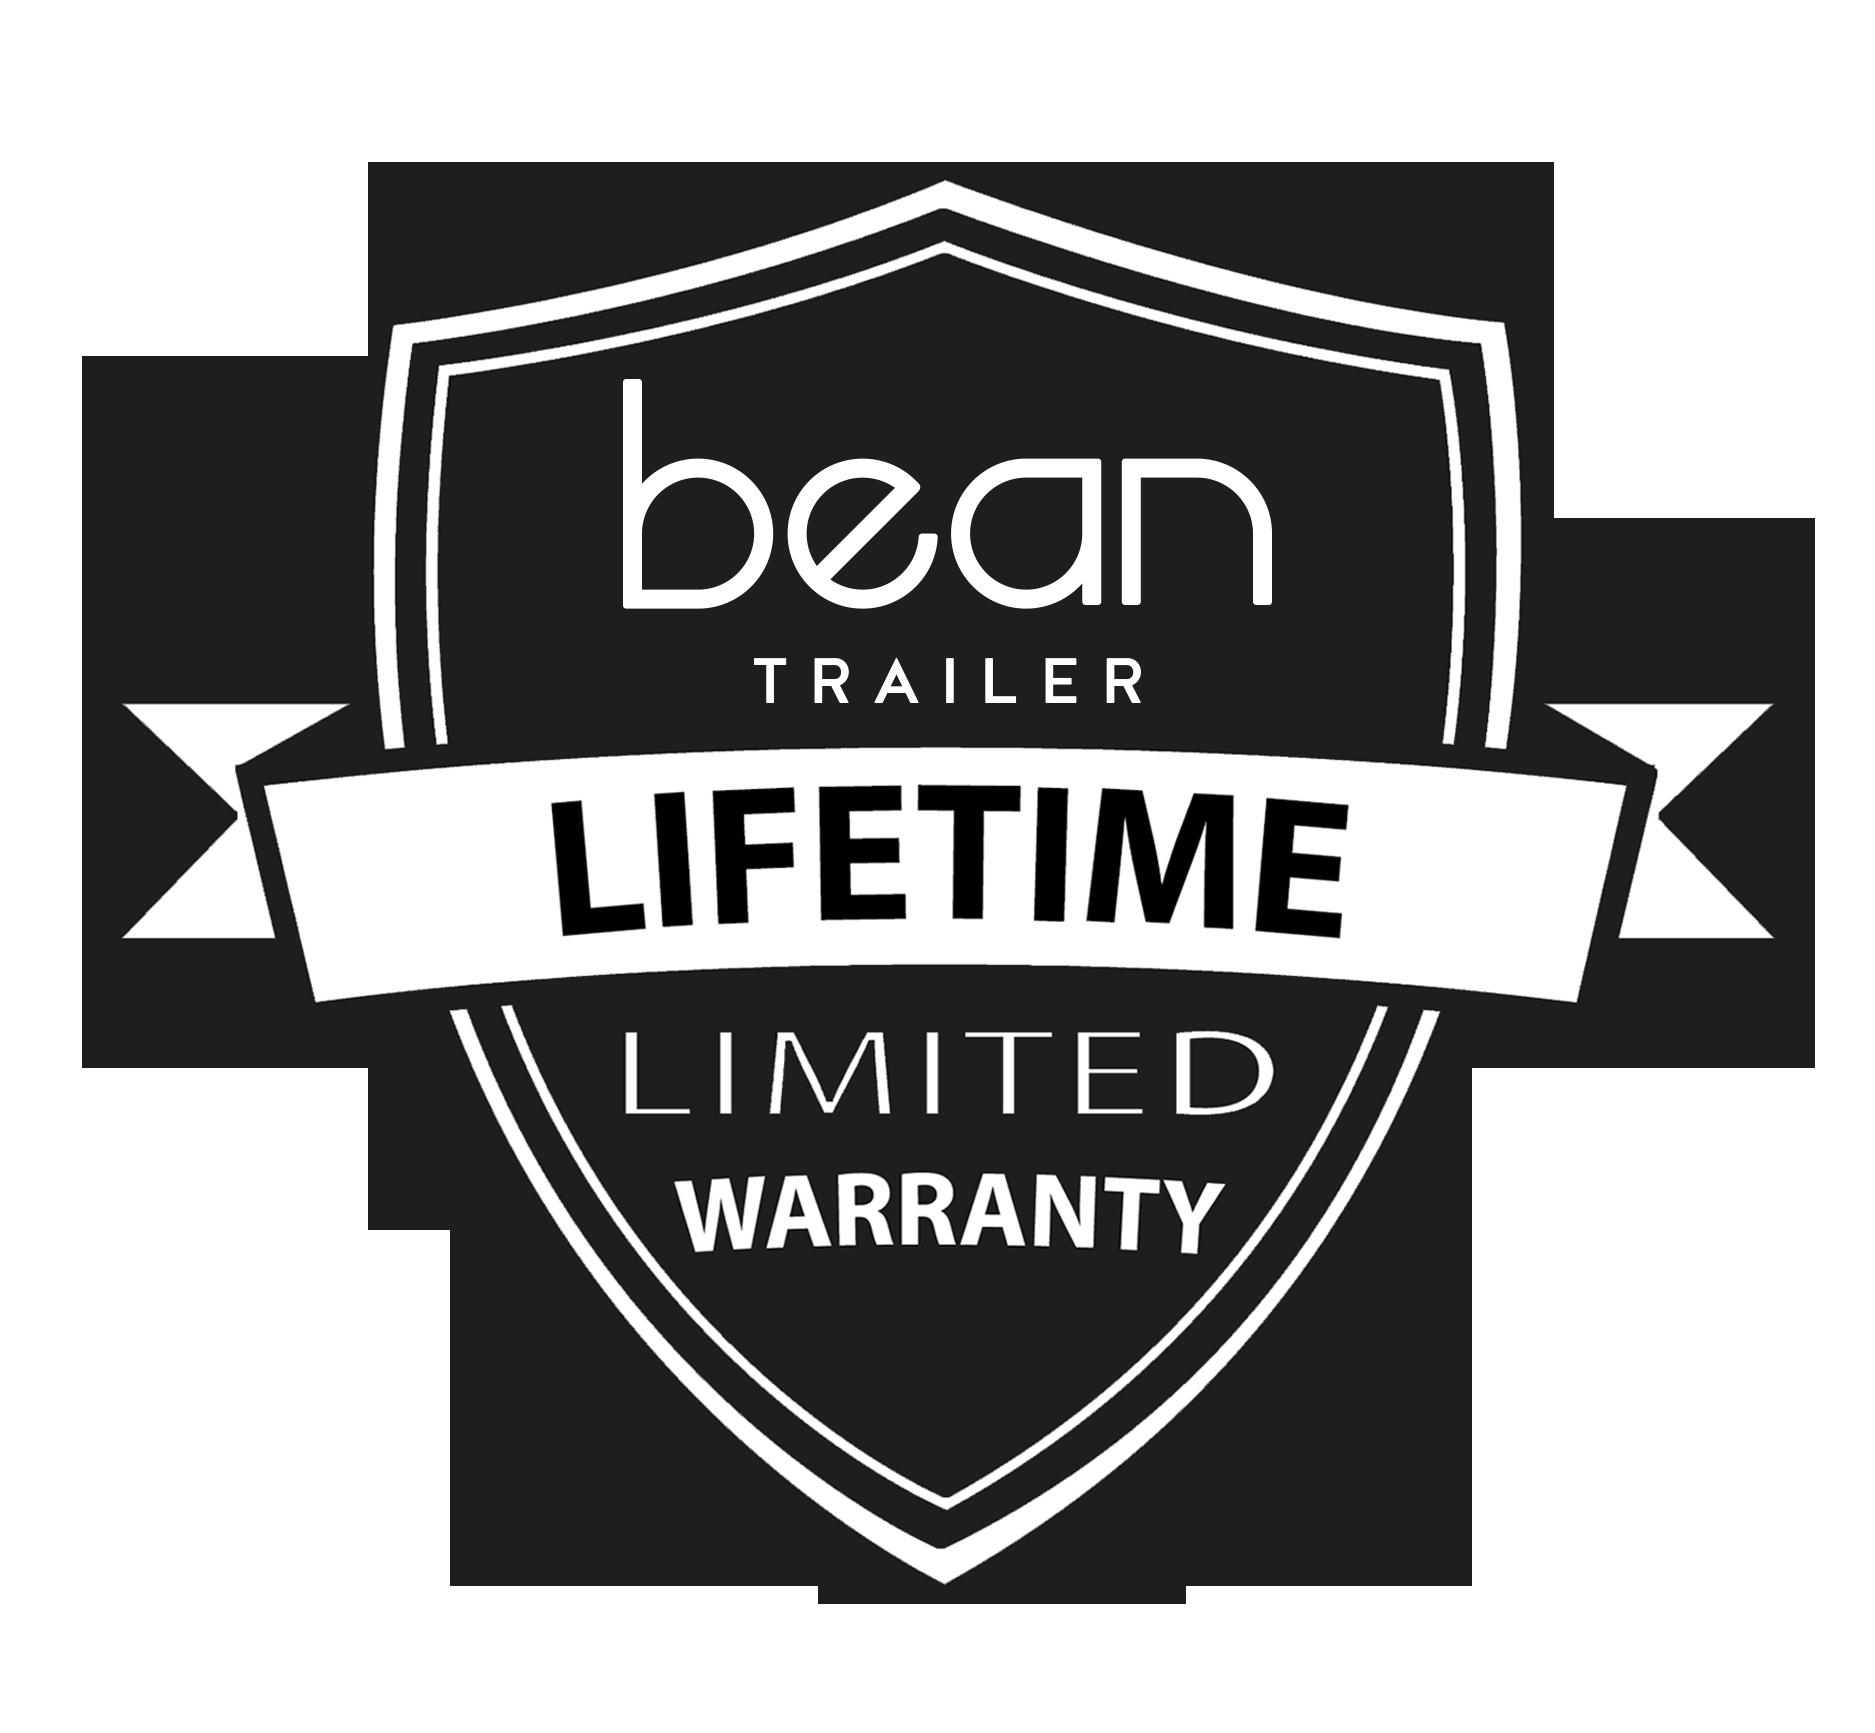 How To Order A Bean Trailer Bean Trailer